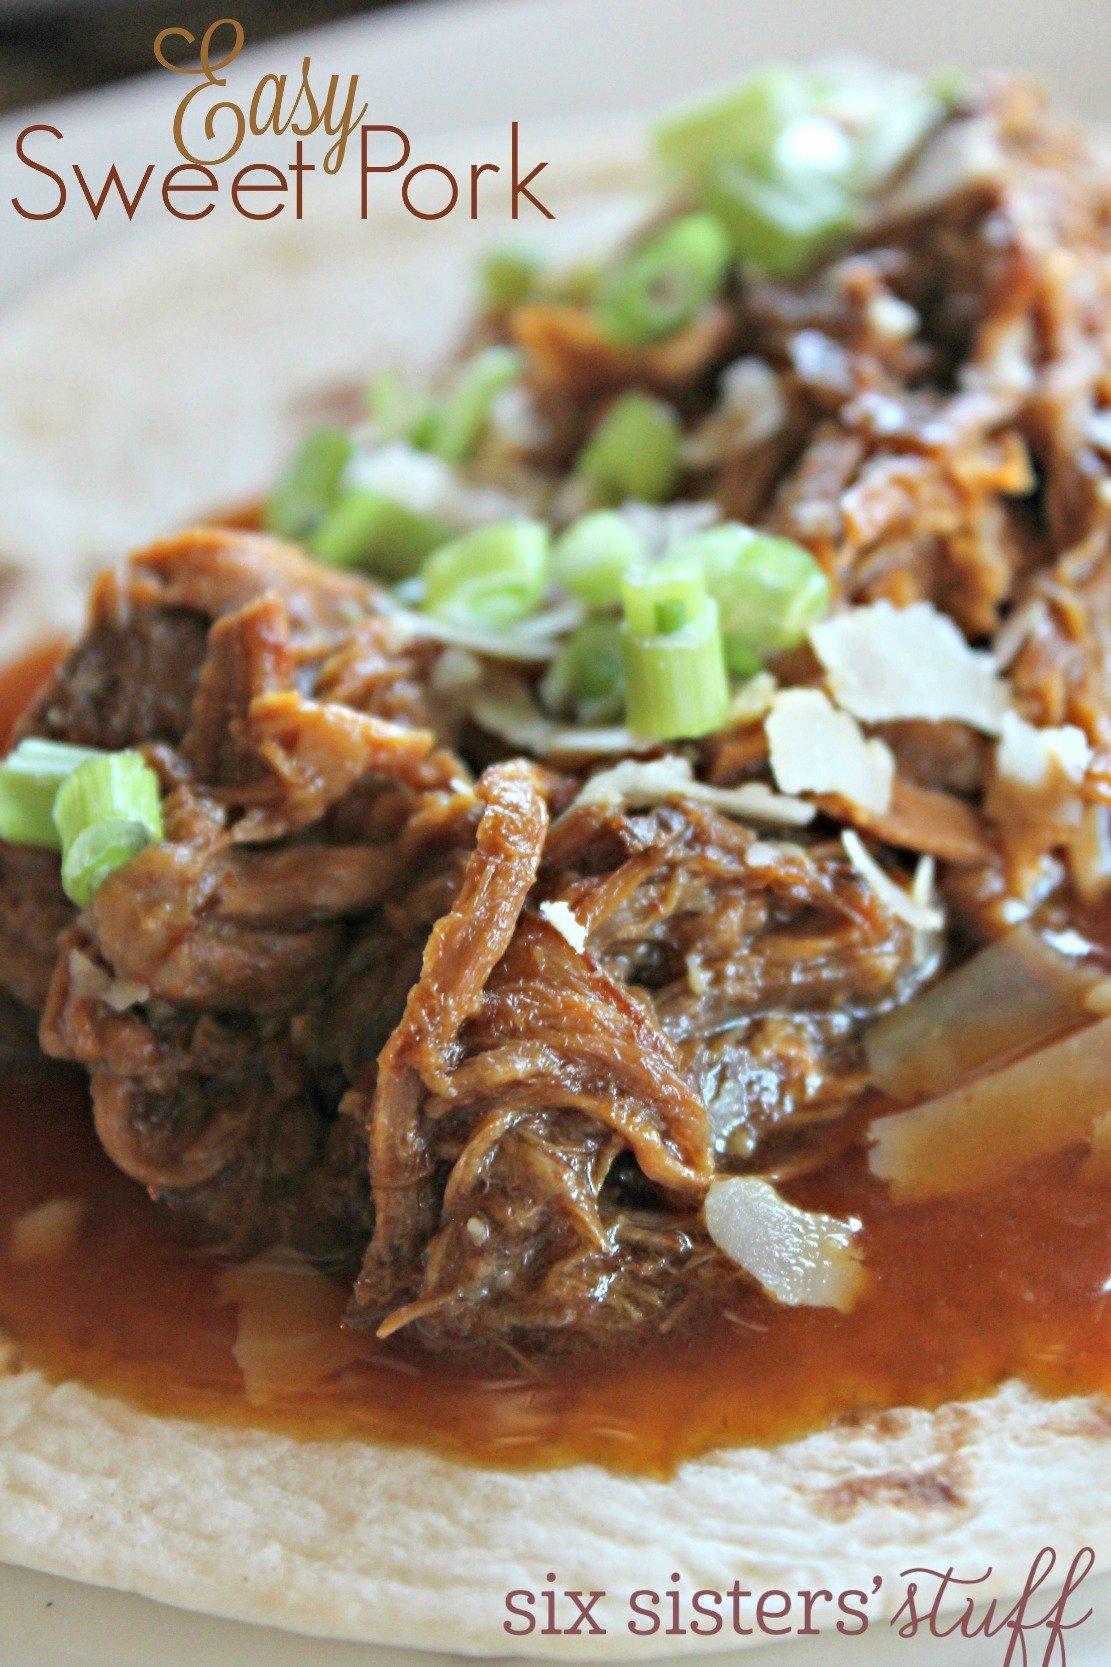 Easy Slow Cooker Sweet Pork